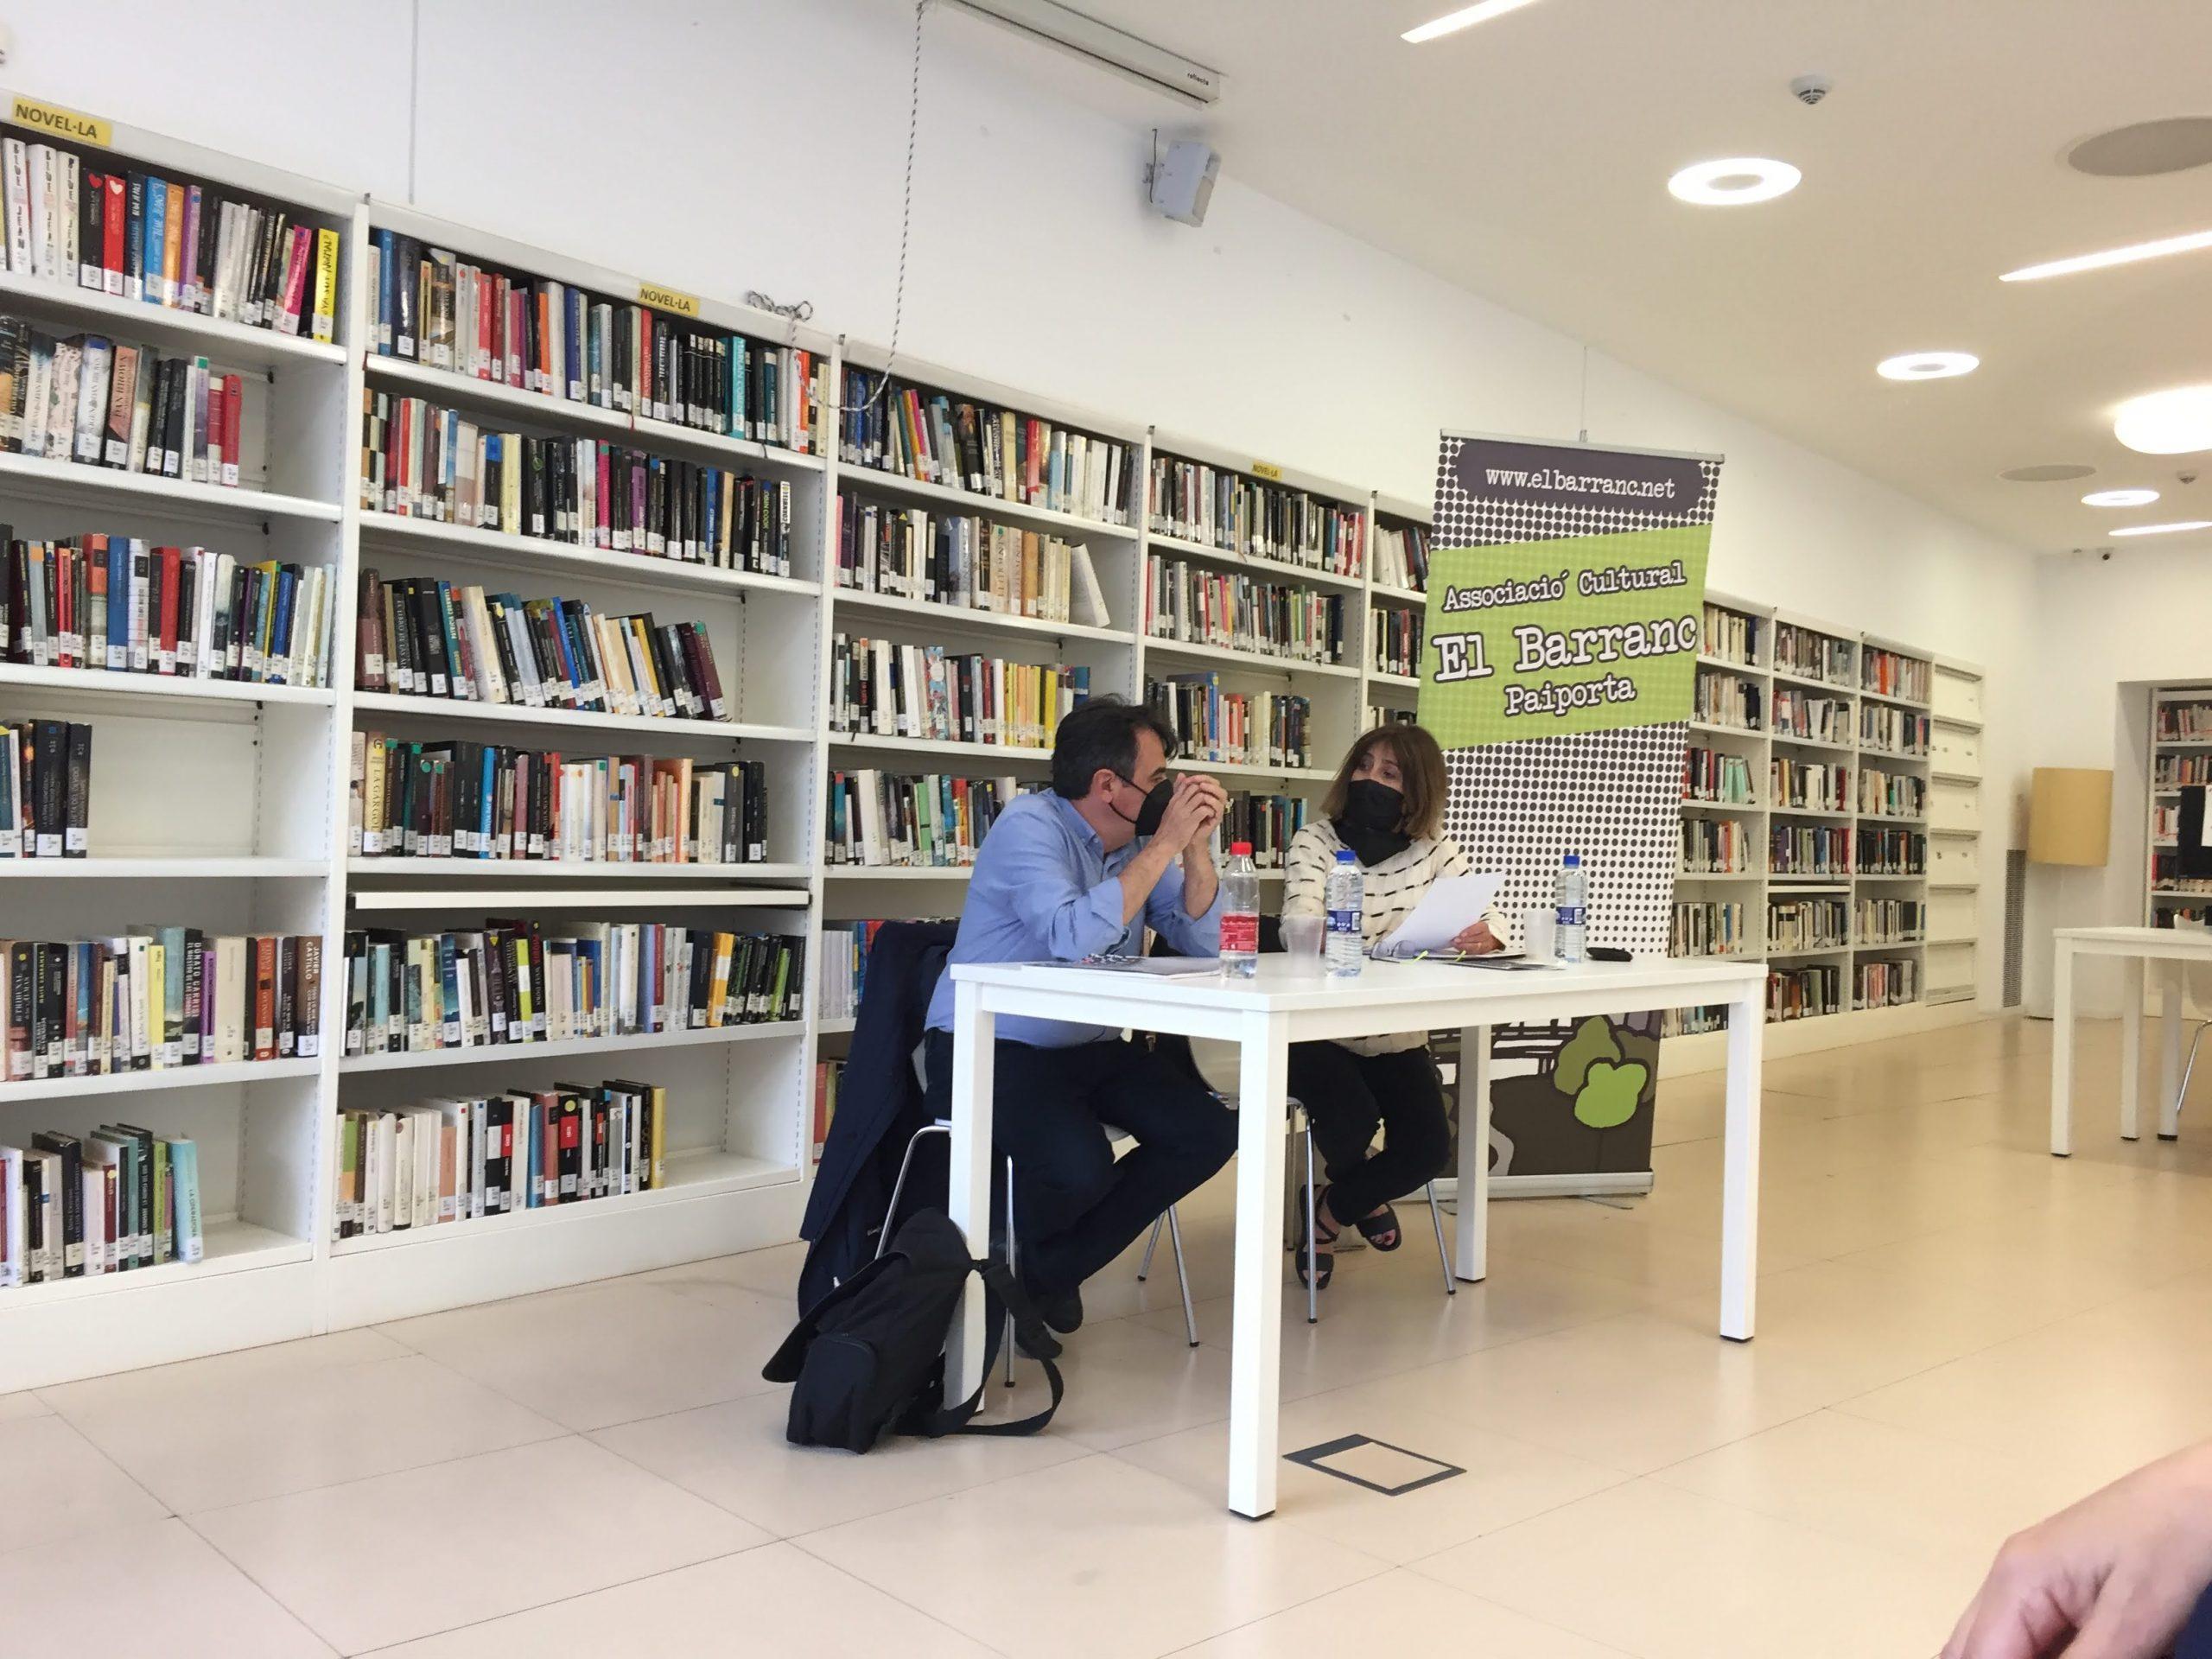 L'escriptor Martí Domínguez presenta a l'associació El Barranc, la seua última novel·la L'esperit del temps.